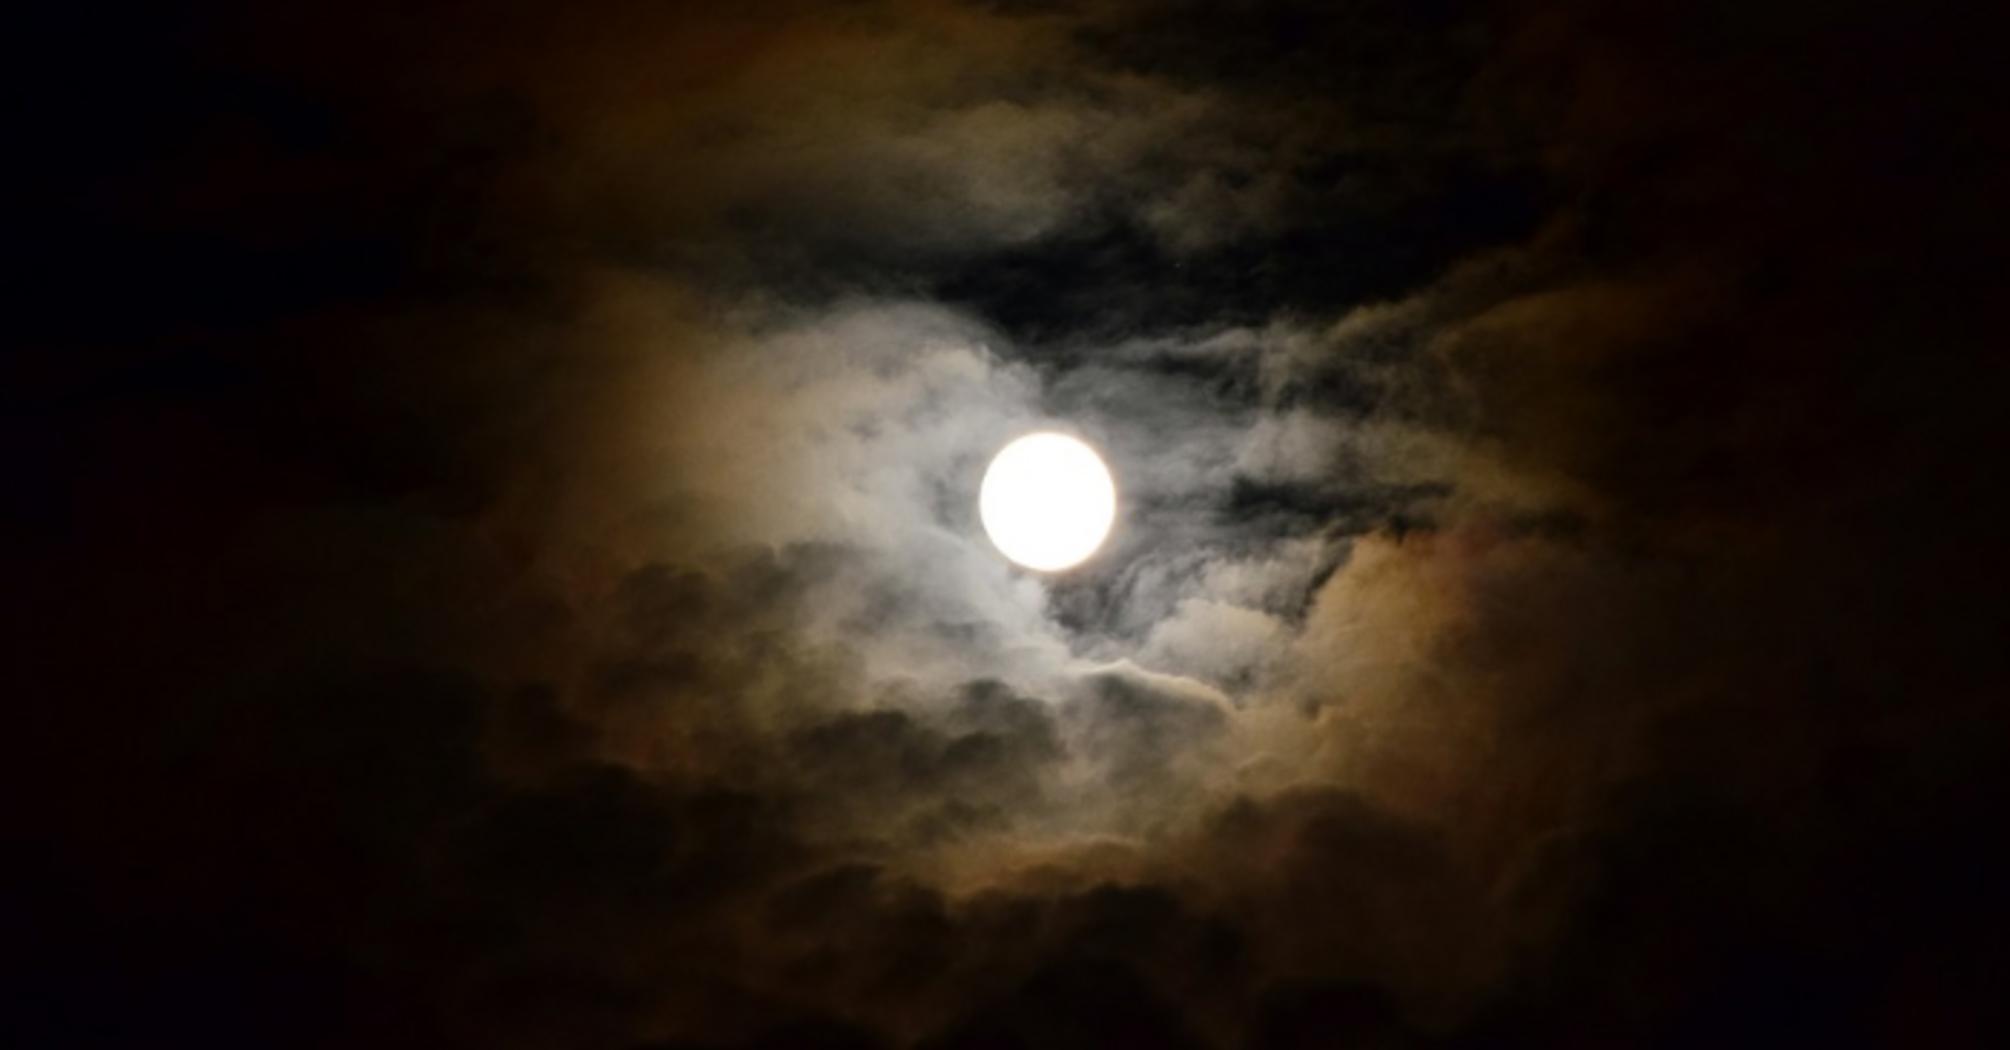 Лунный календарь на март 2020 обещает один опасный день и перемены в жизни